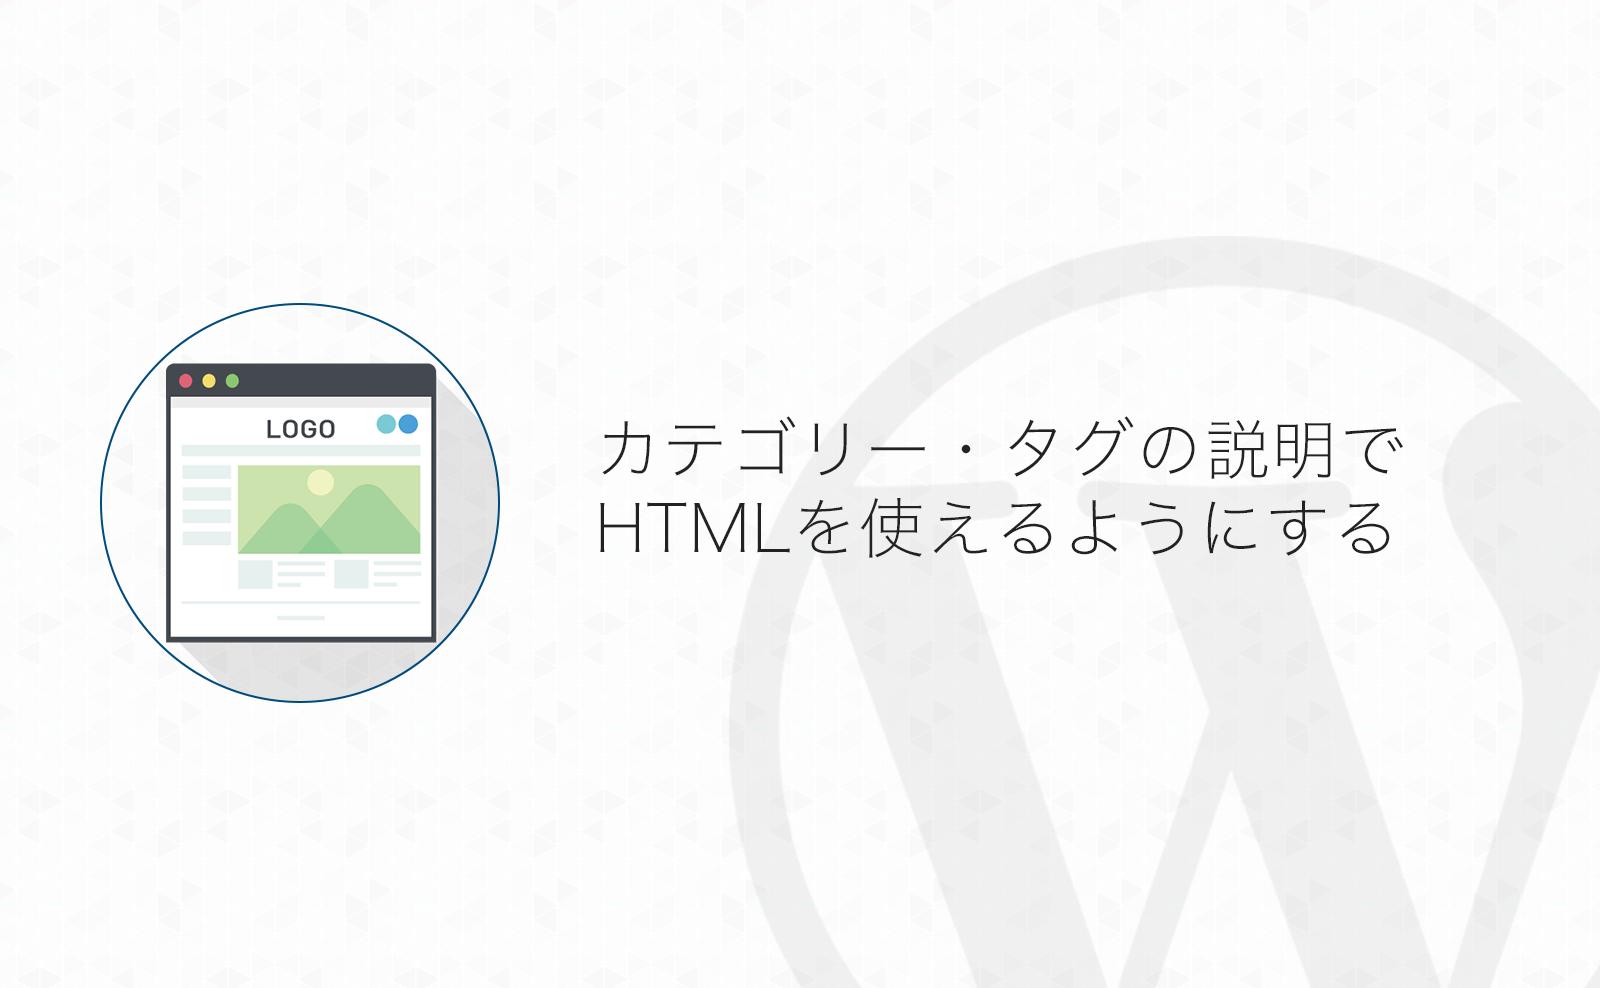 【WordPress】カテゴリーやタグの「説明」でHTMLを許可するカスタマイズ